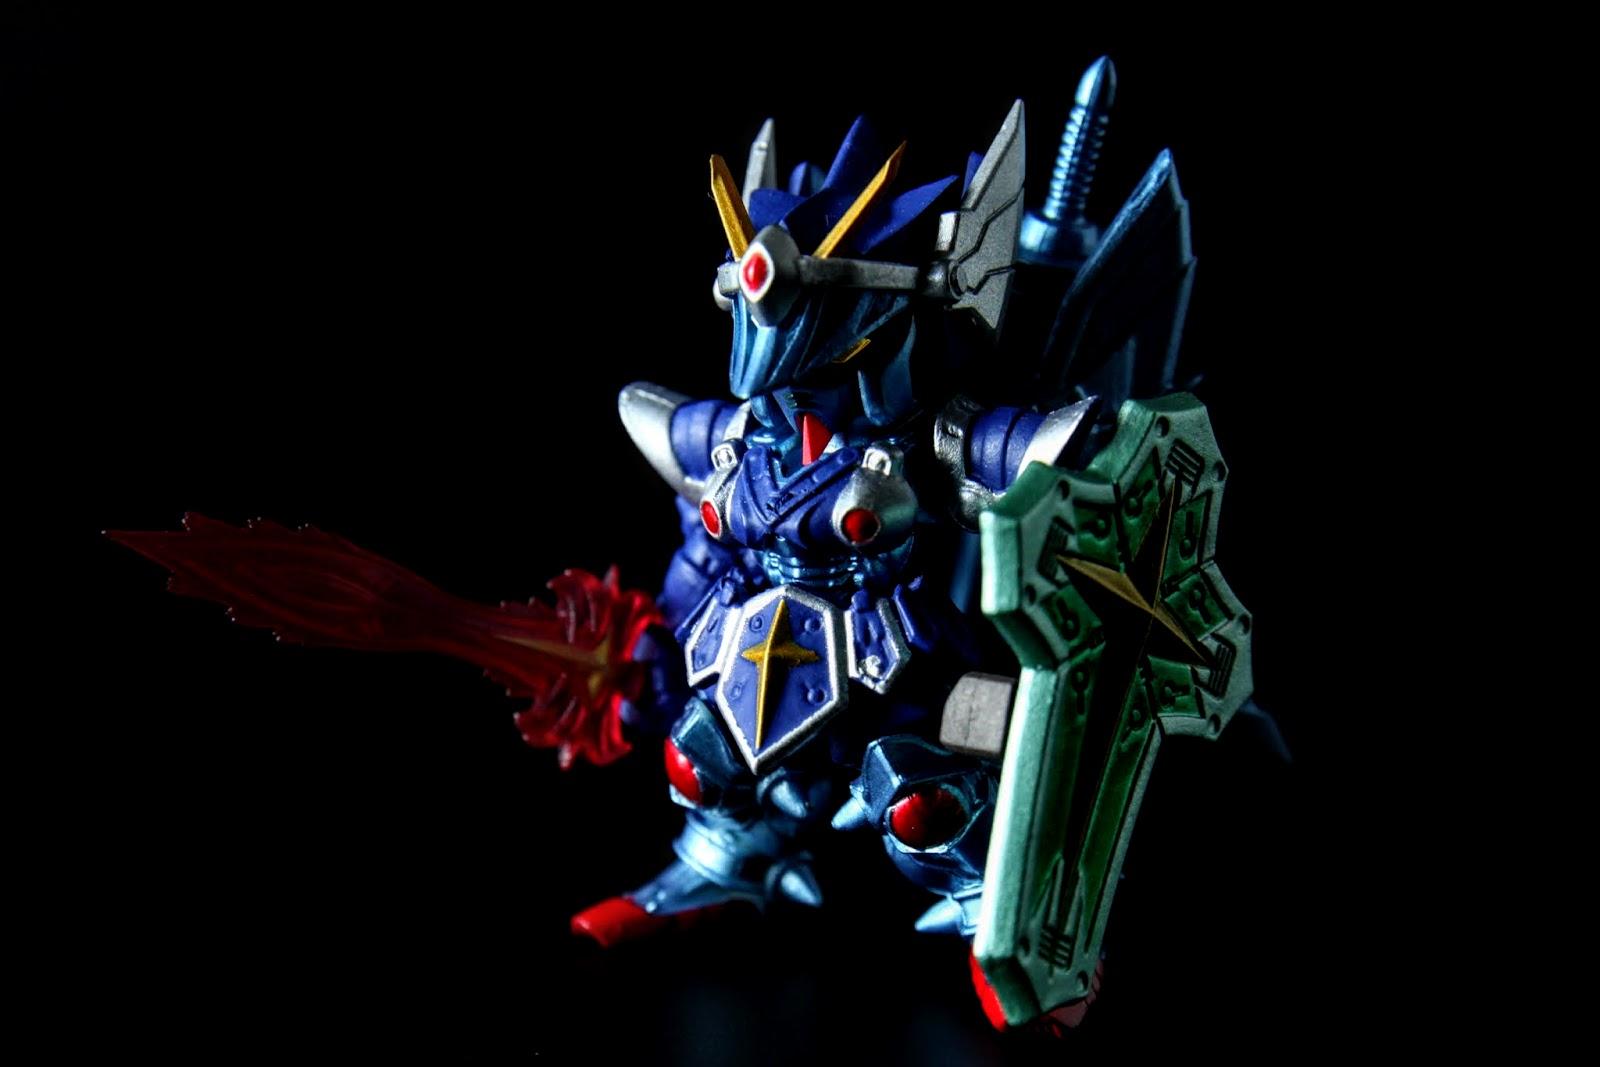 騎士鋼彈全裝備, 比起武者頑駄無有另外的氣勢